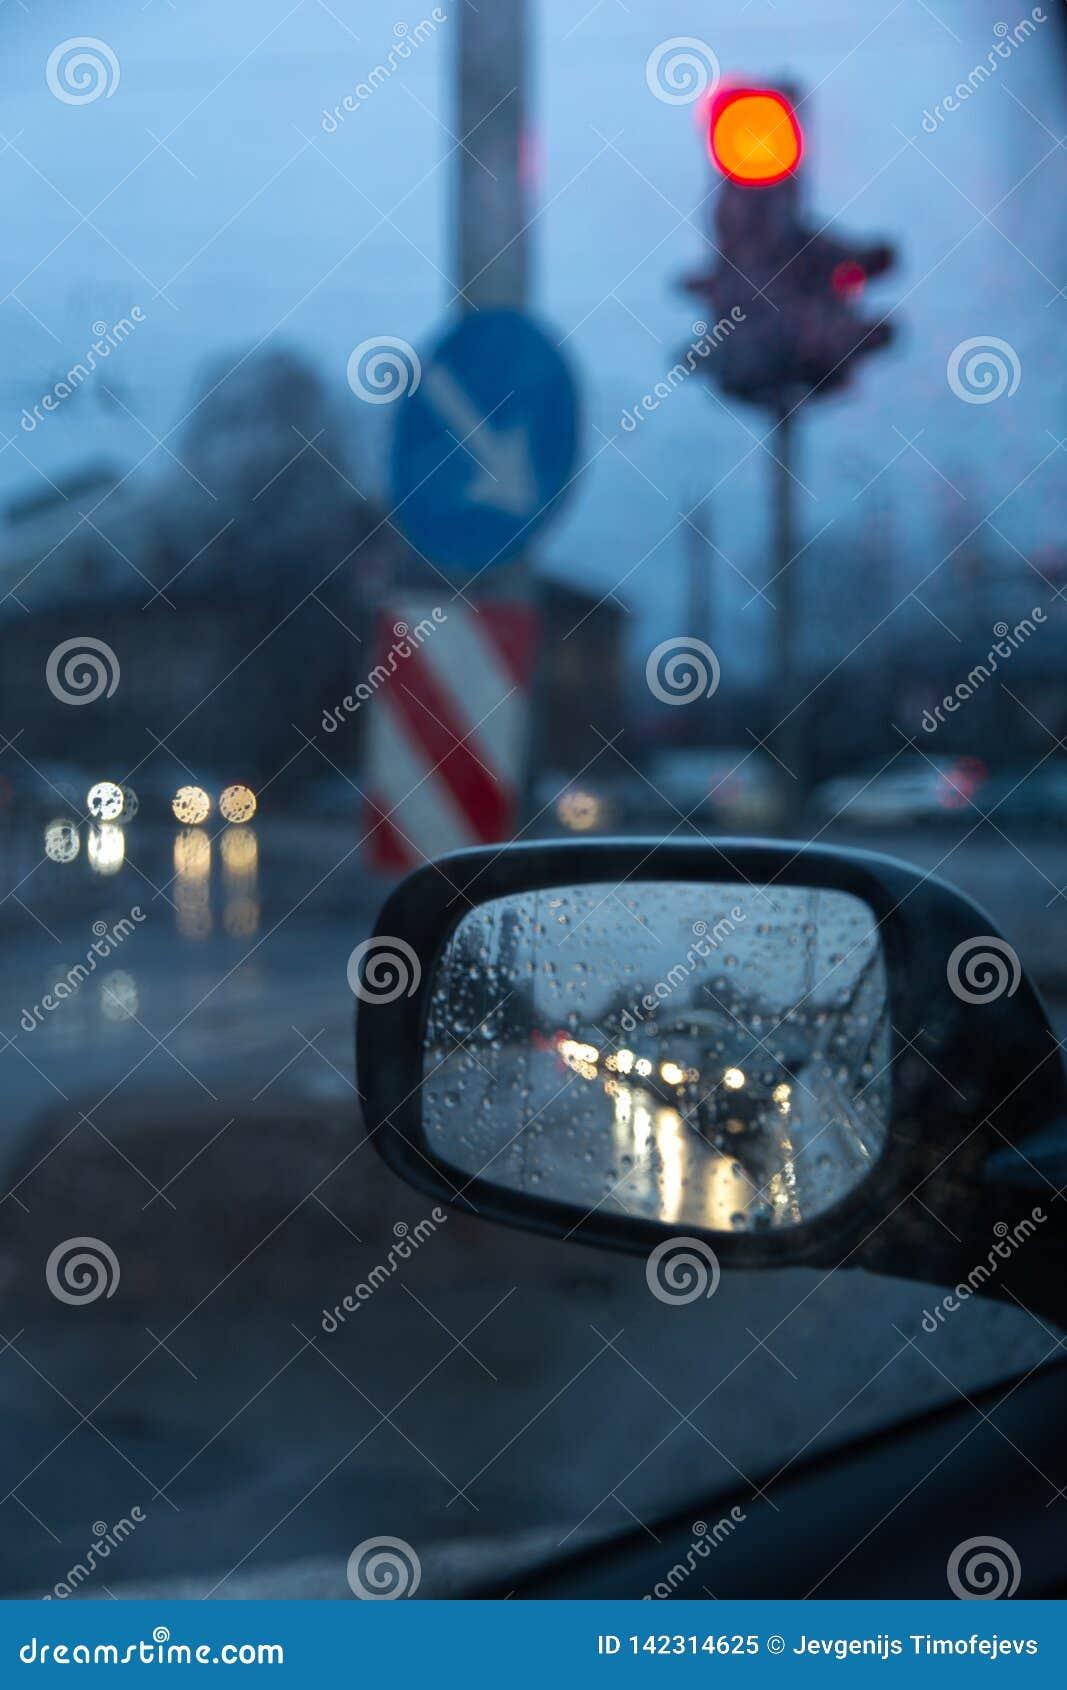 在旁边后视镜的堵车有红色红灯的